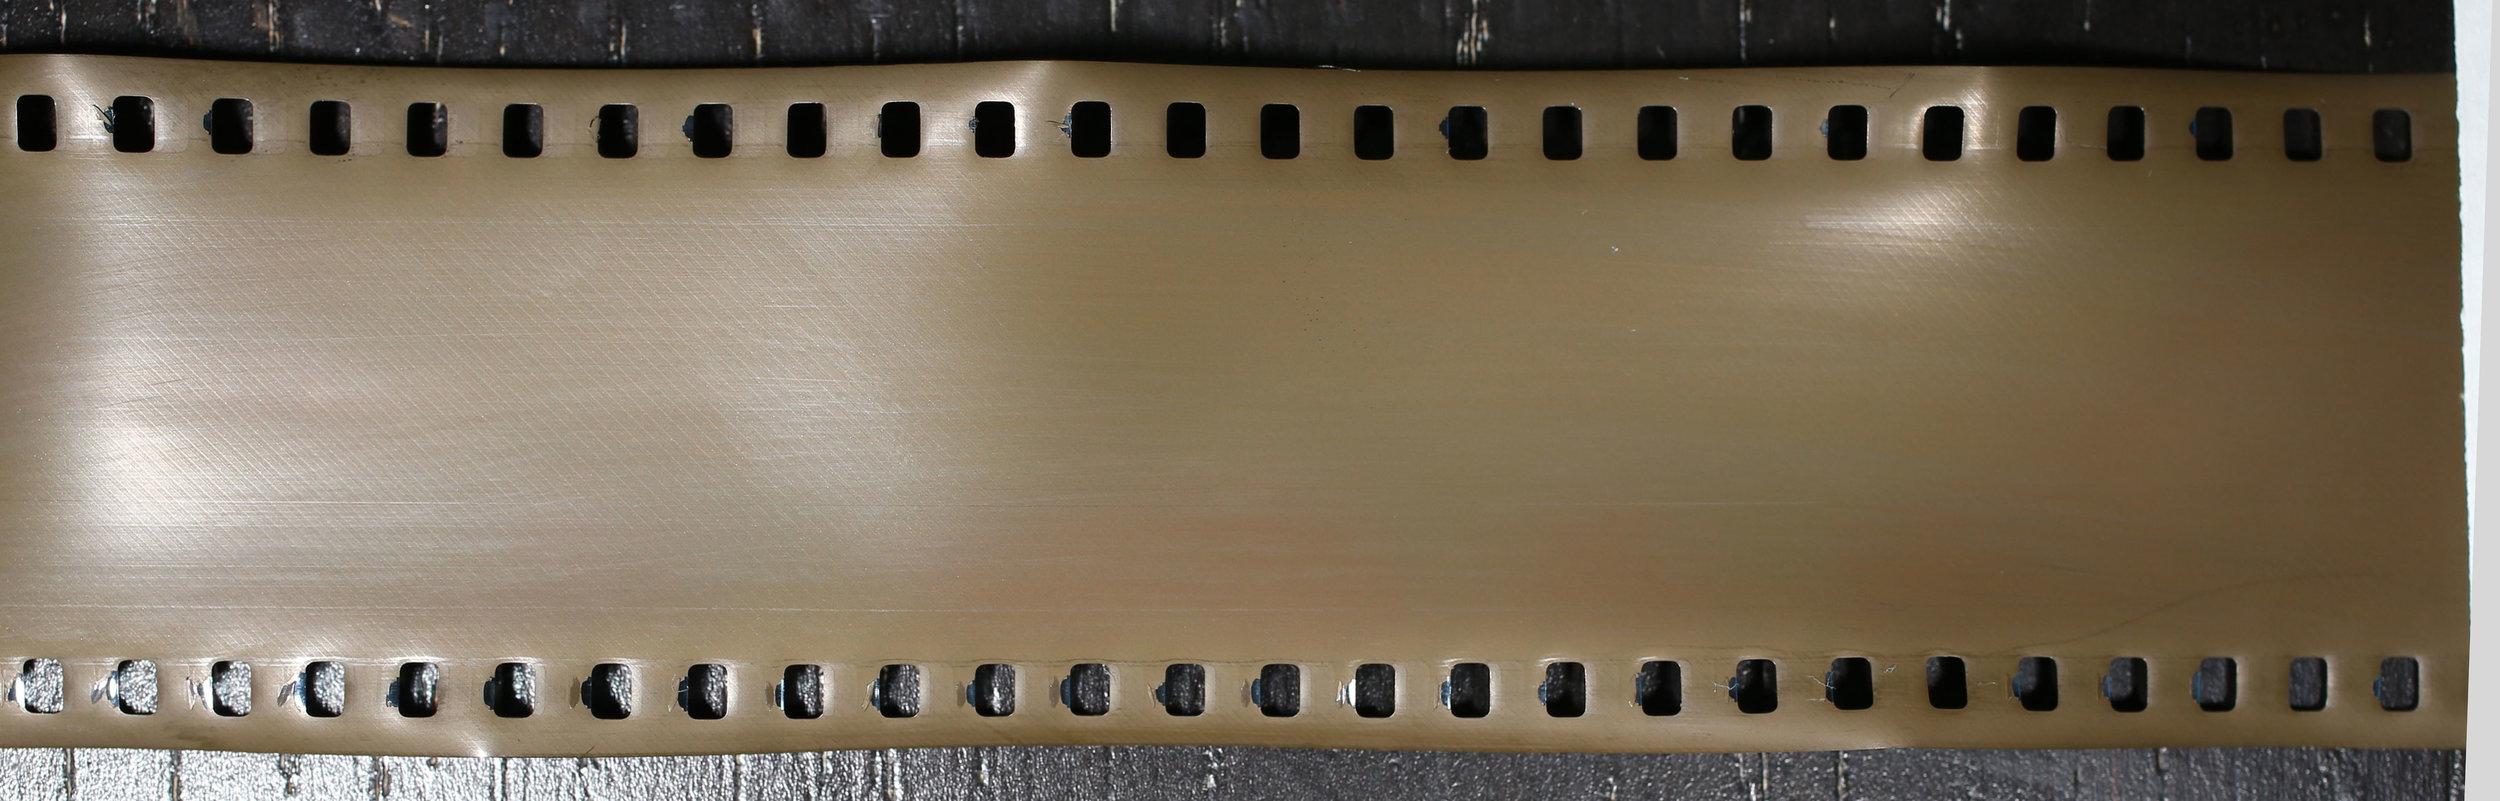 Clean-film-example-2.jpg